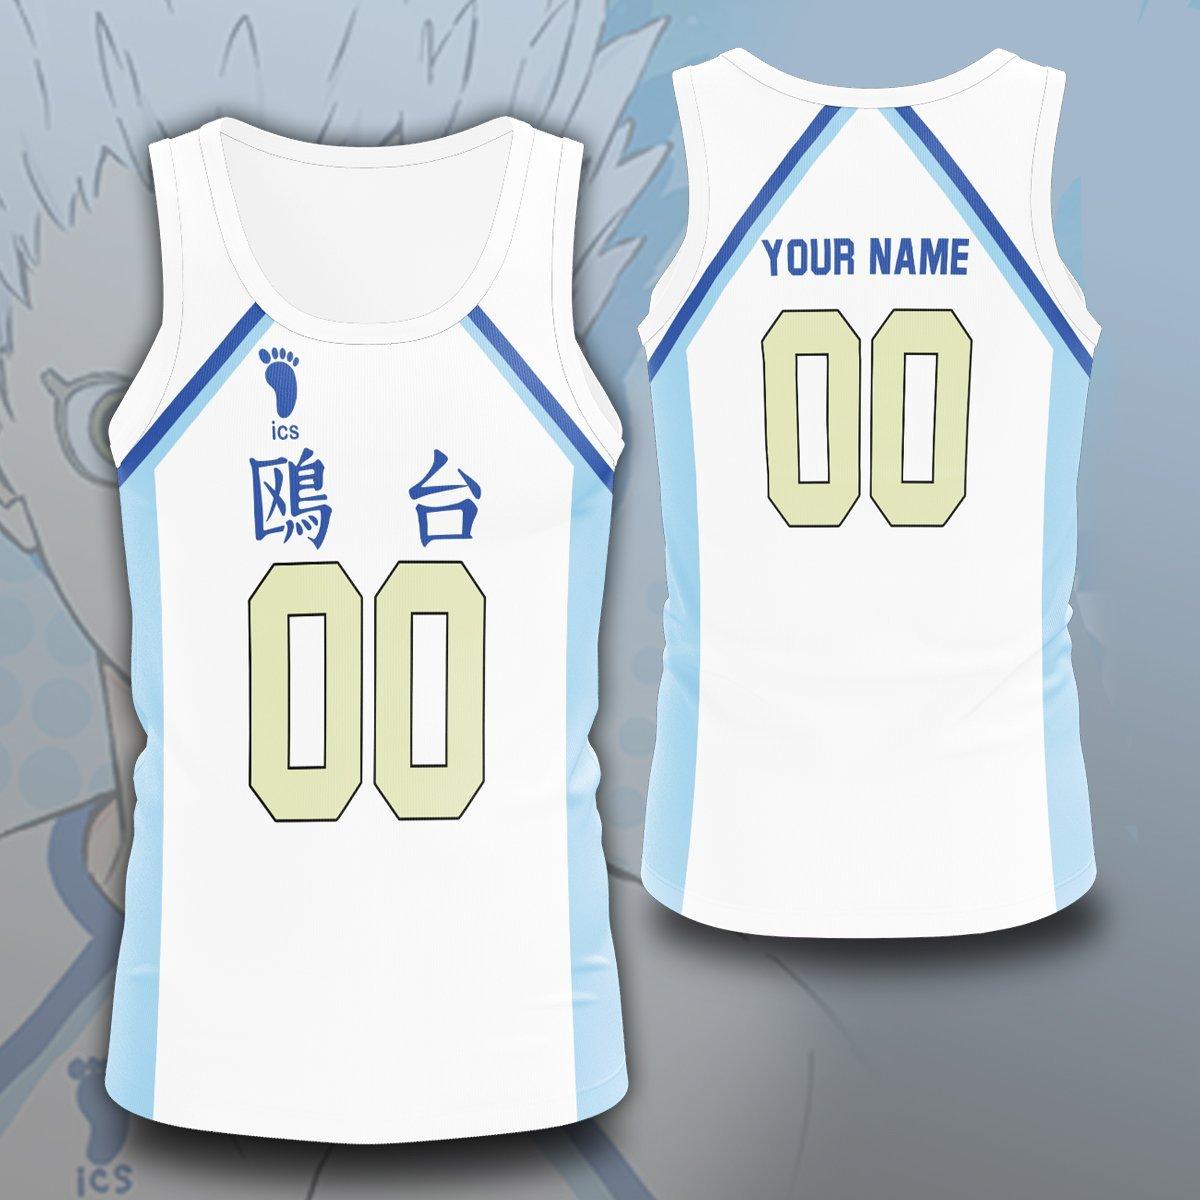 M Official Otaku Treat Merch